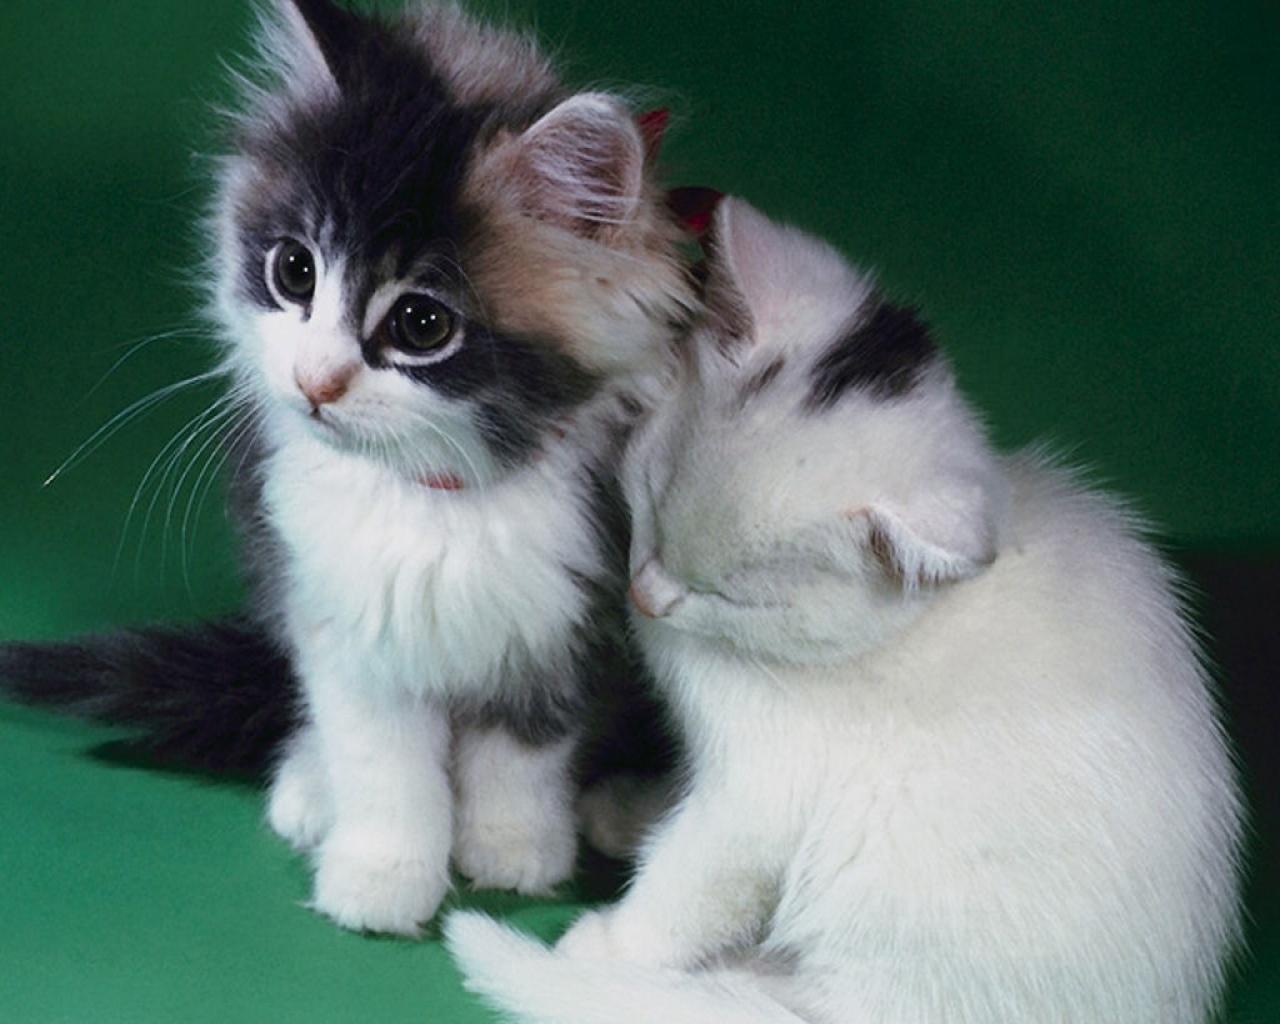 小动物的可爱